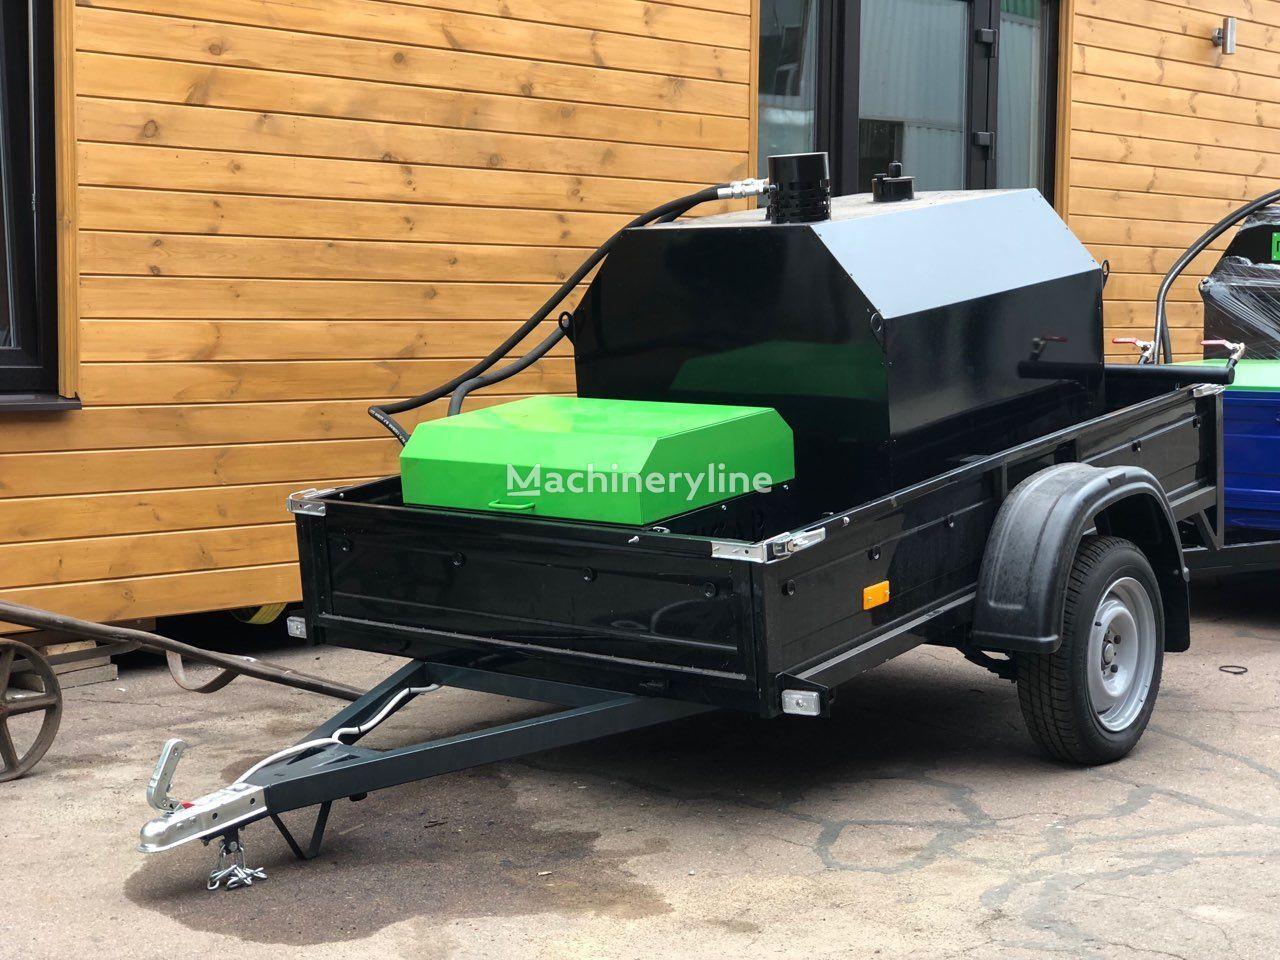 nový rozstřikovač asfaltu Skrapiarka do asfaltu / Asphalt Sprayer BS-500